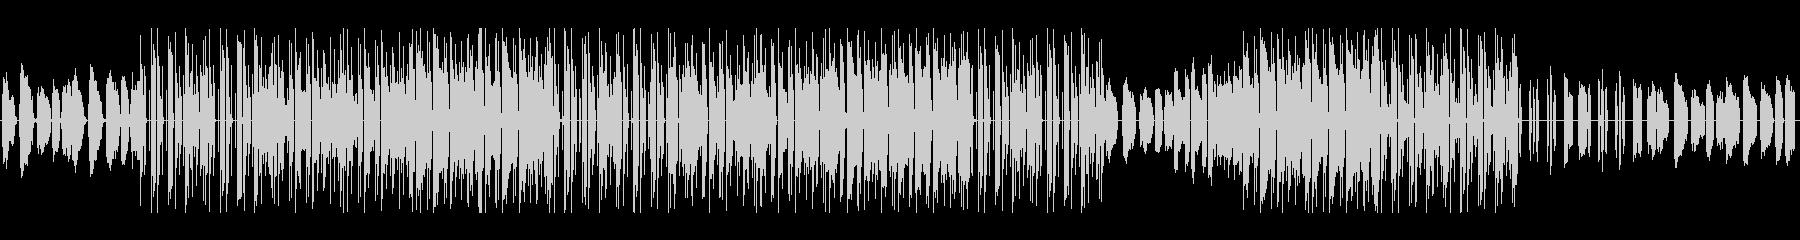 シンセでまったりネオソウル。の未再生の波形